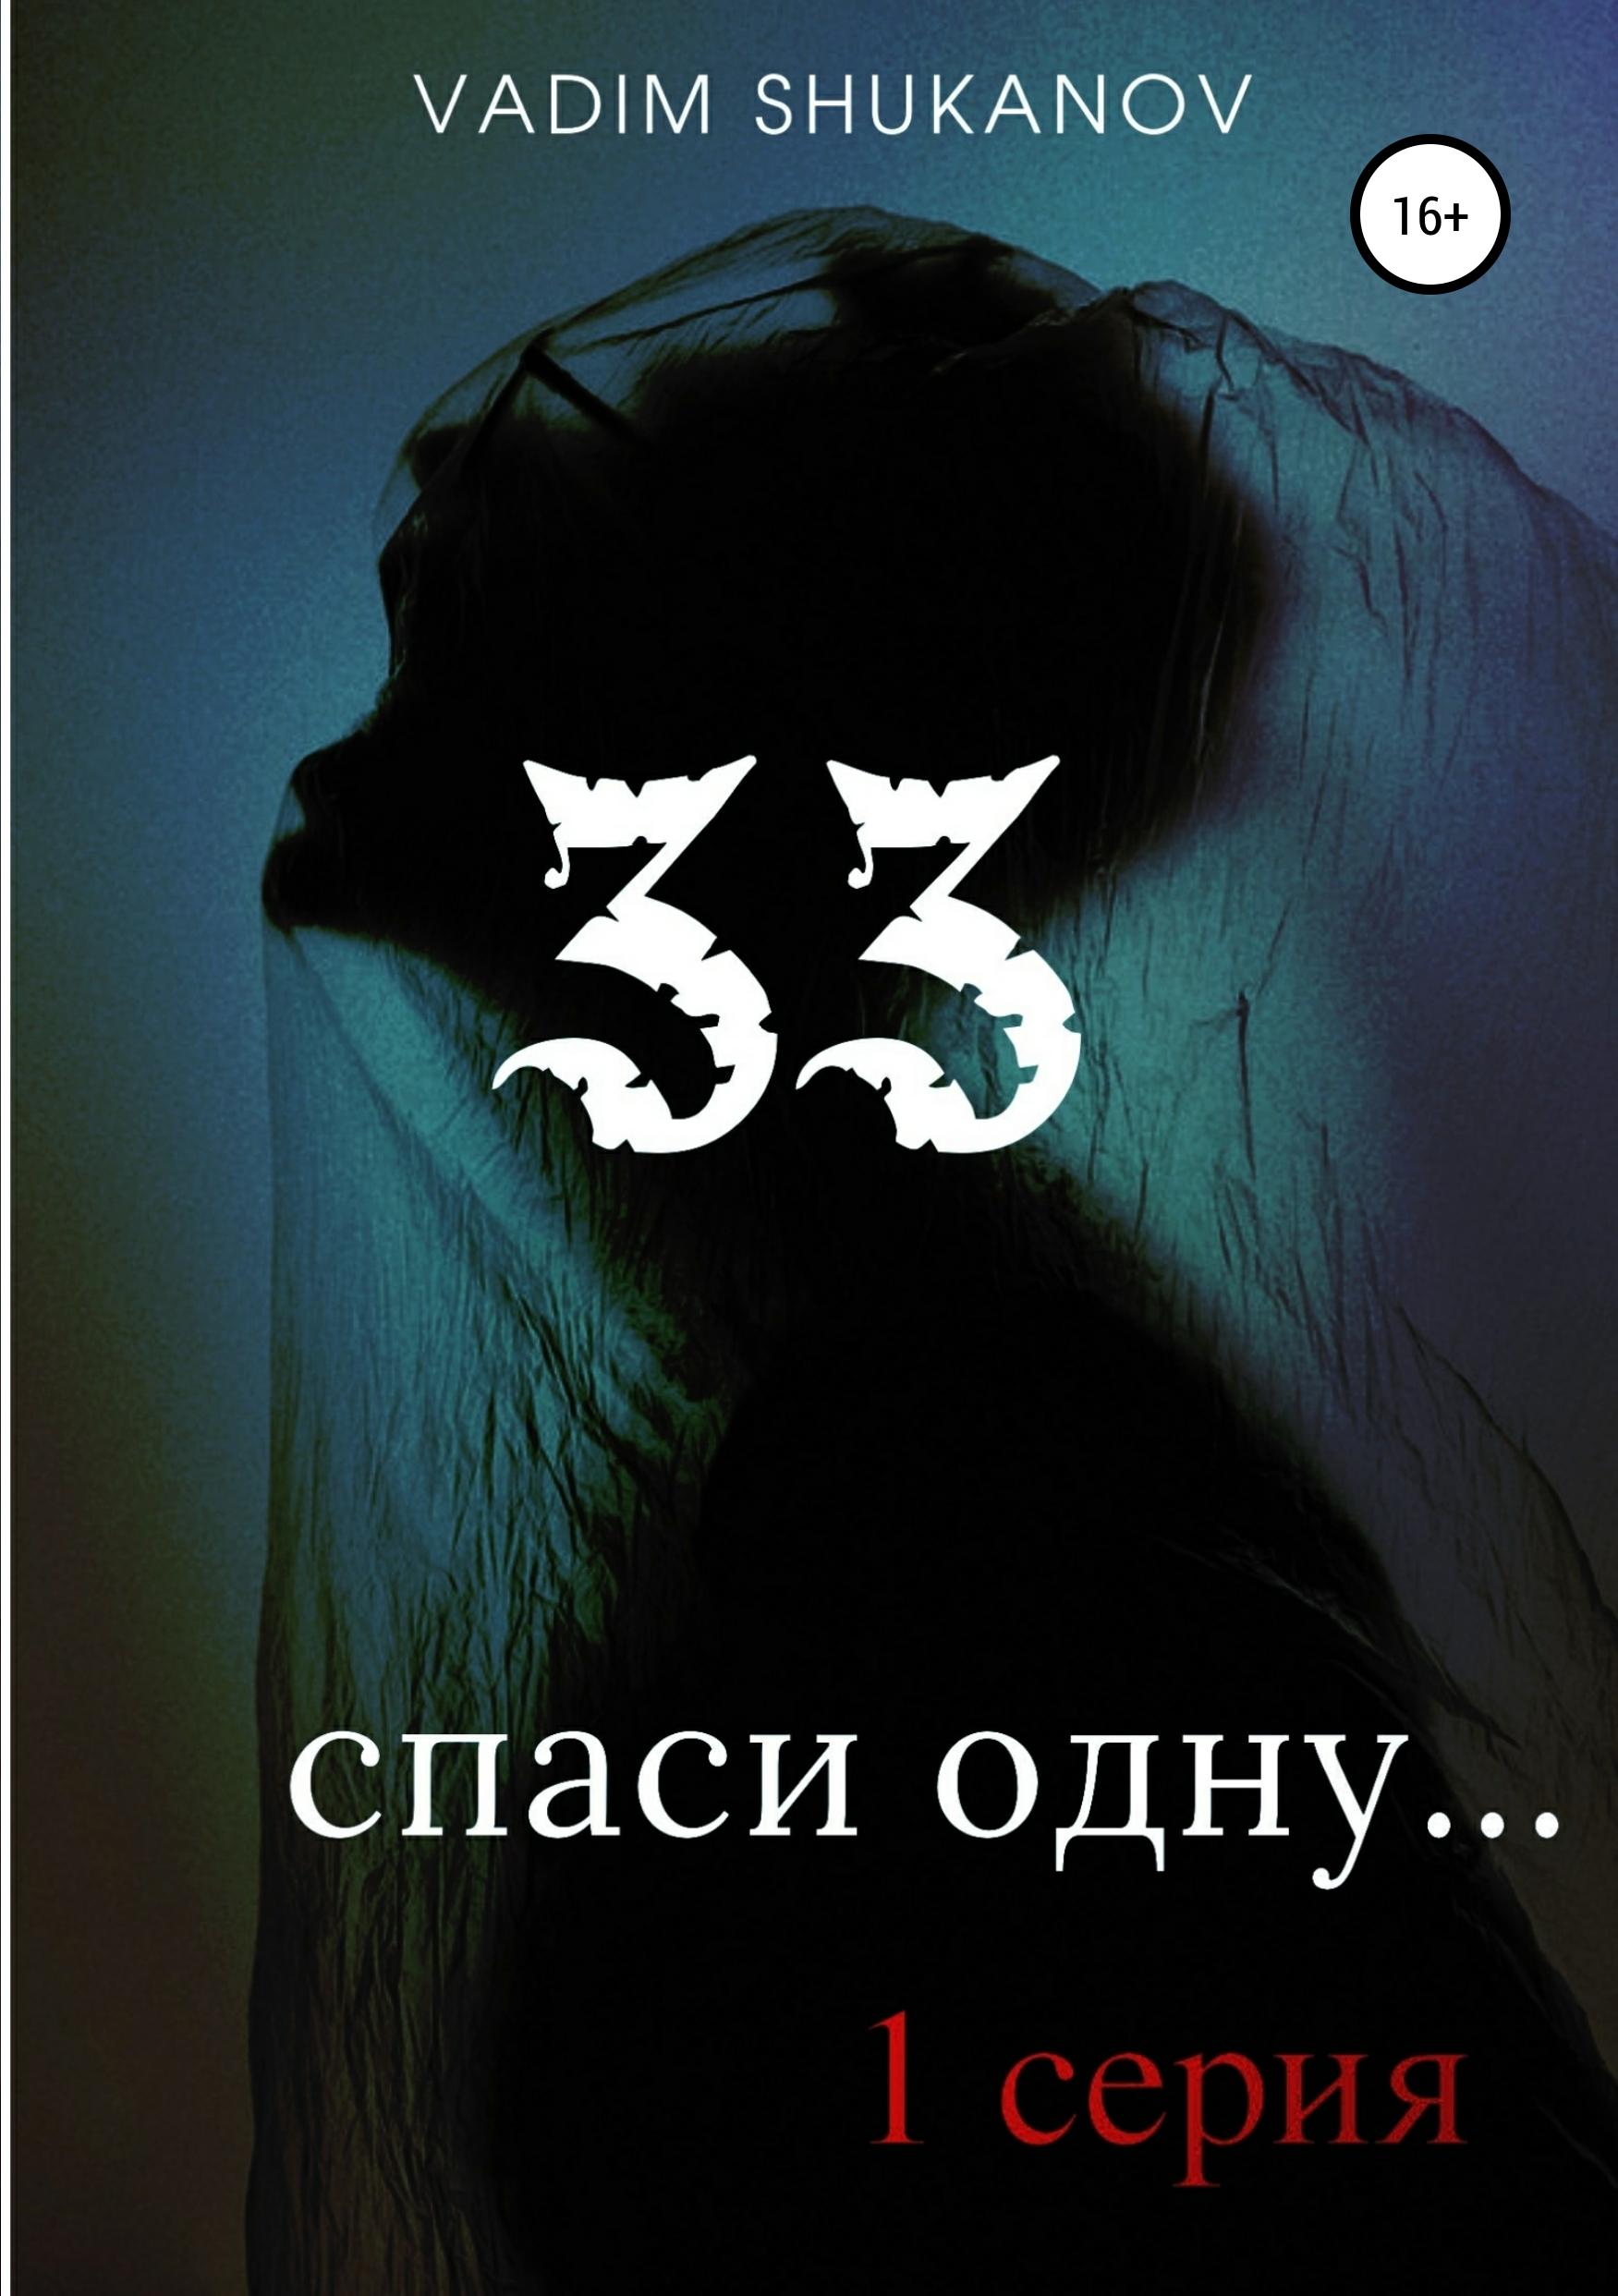 цена Вадим Юрьевич Шуканов 33